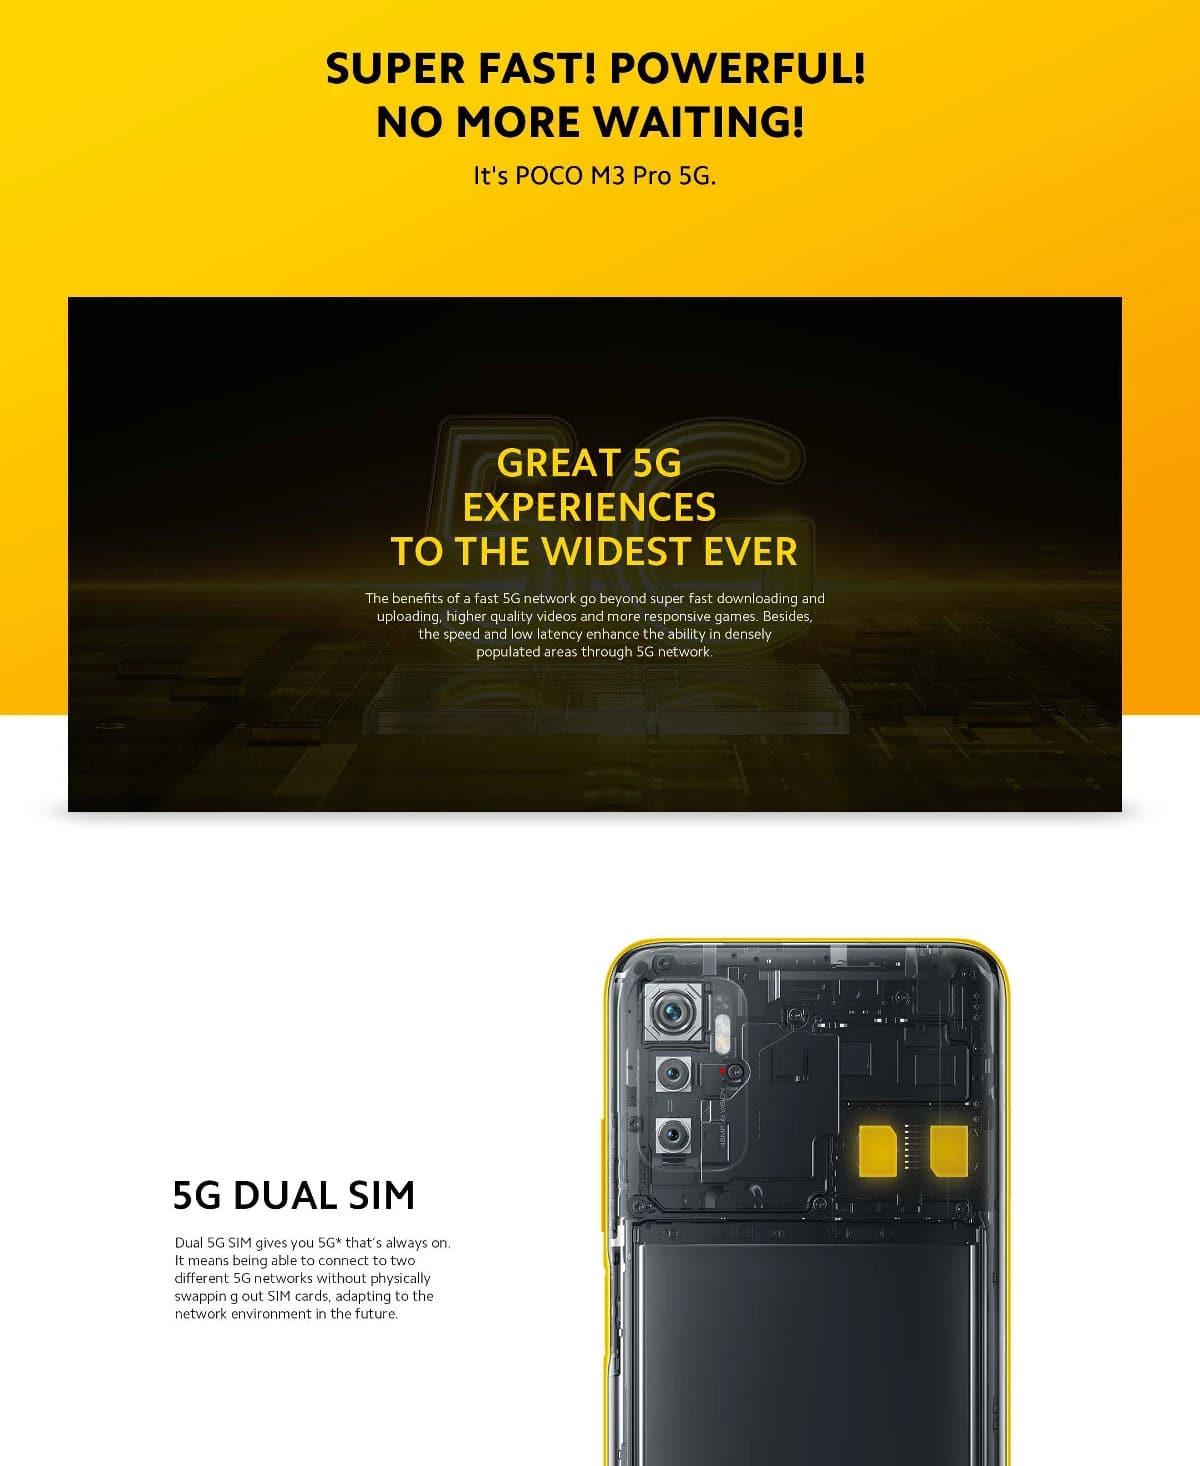 گوشی شیائومی مدل پوکو اِم 3 پرو 5 جی ظرفیت 4/64 گیگابایت